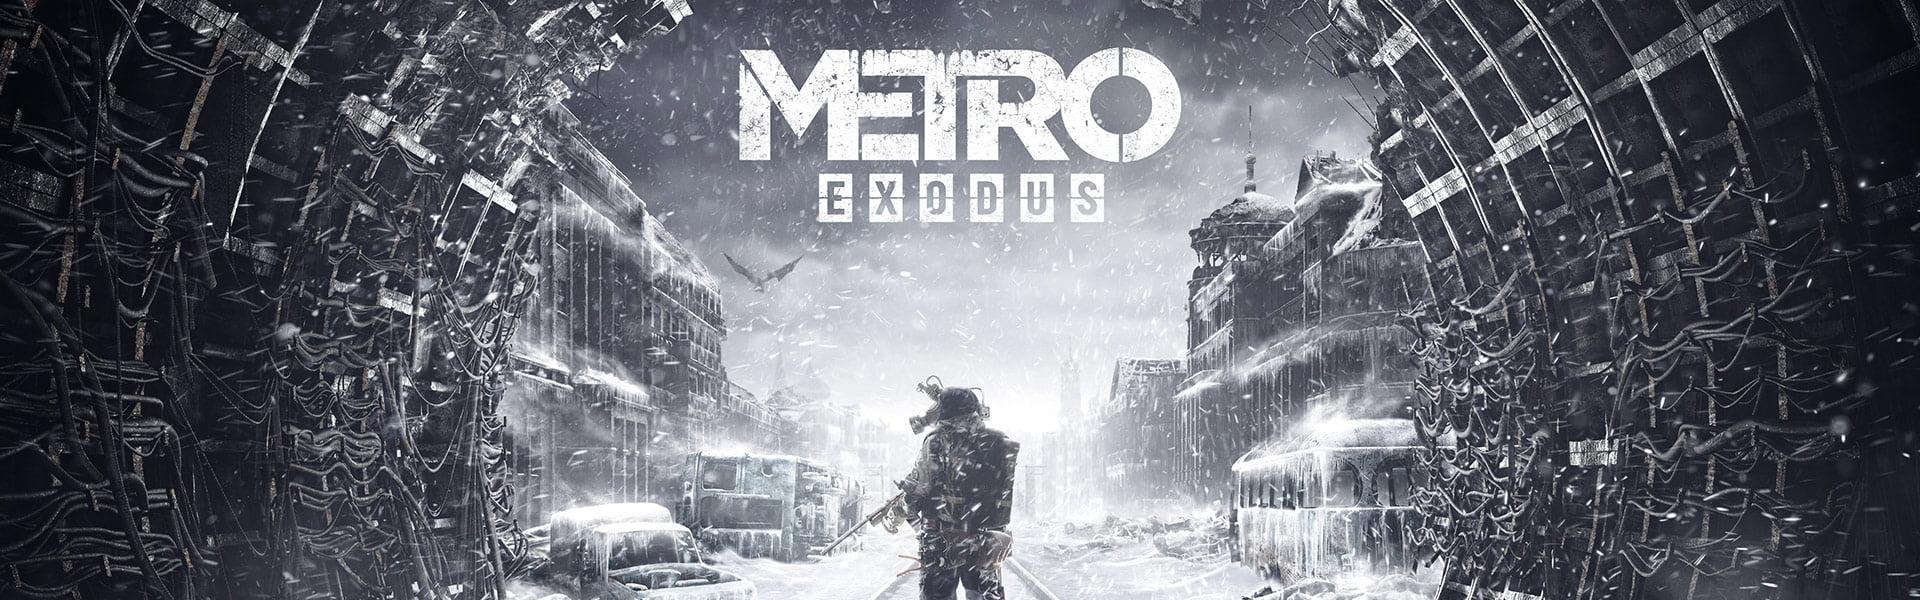 Metro Exodus sprzedaje się dużo lepiej niż Last Light i dostaje tryb New Game Plus 18